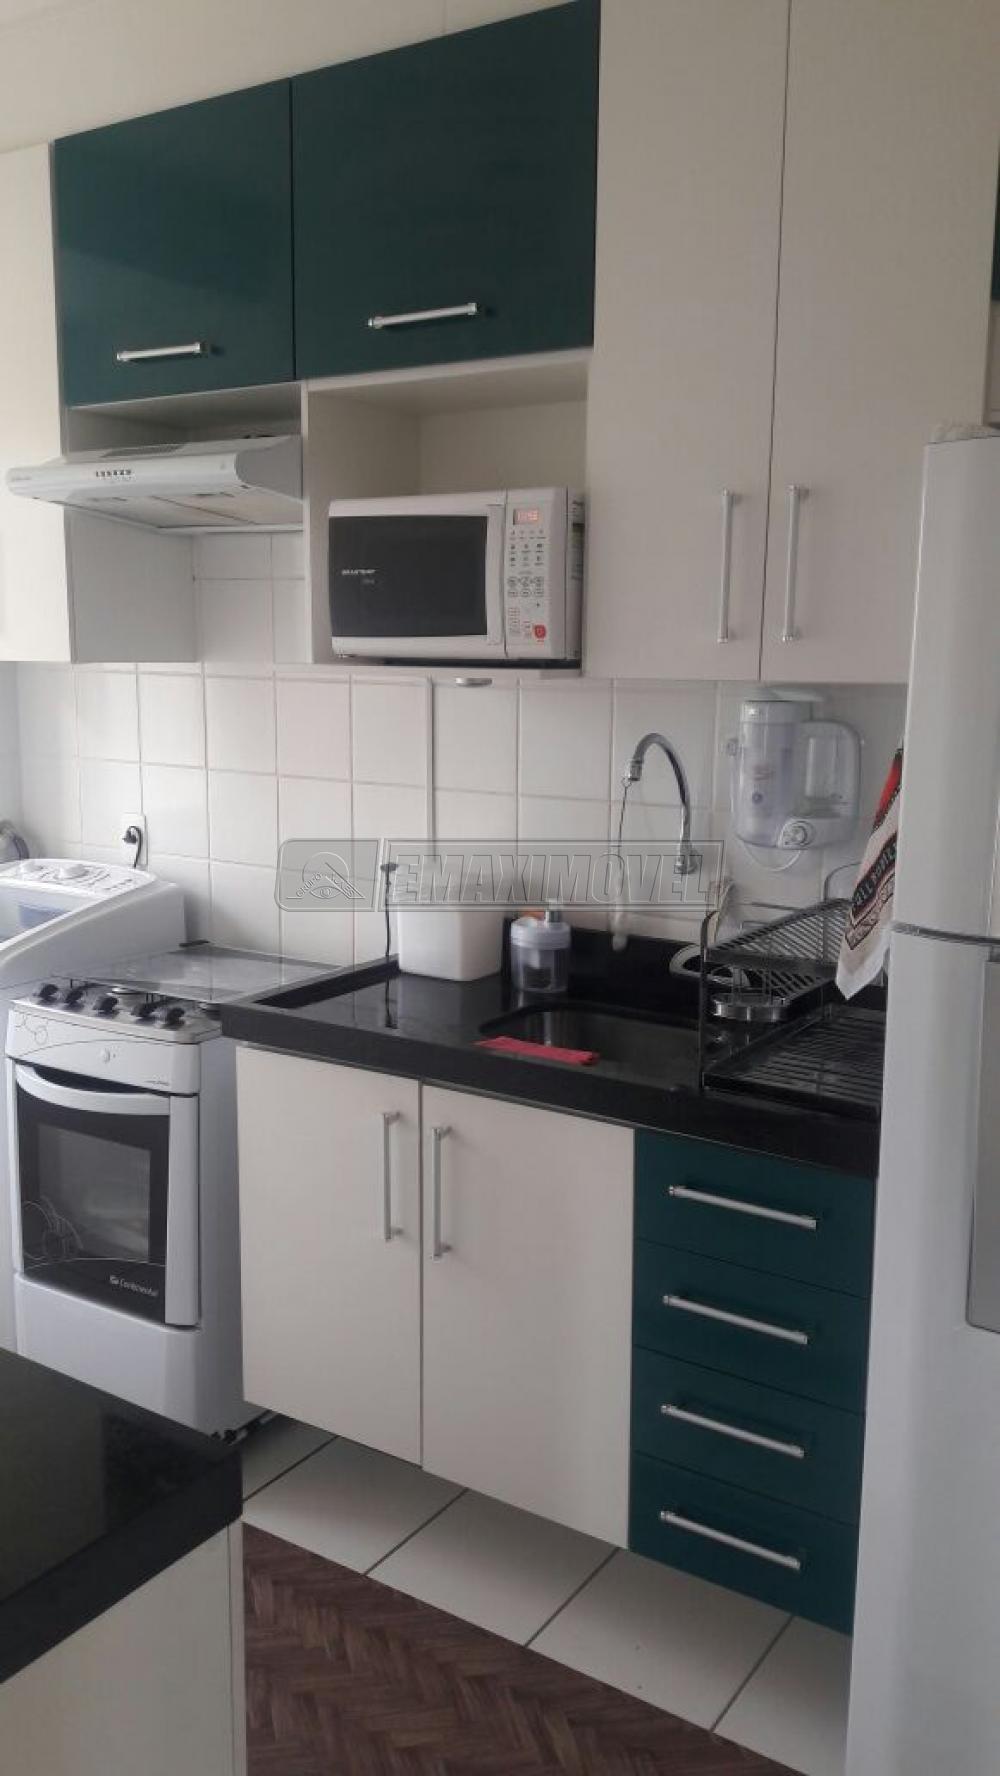 Comprar Apartamentos / Apto Padrão em Sorocaba apenas R$ 200.000,00 - Foto 13